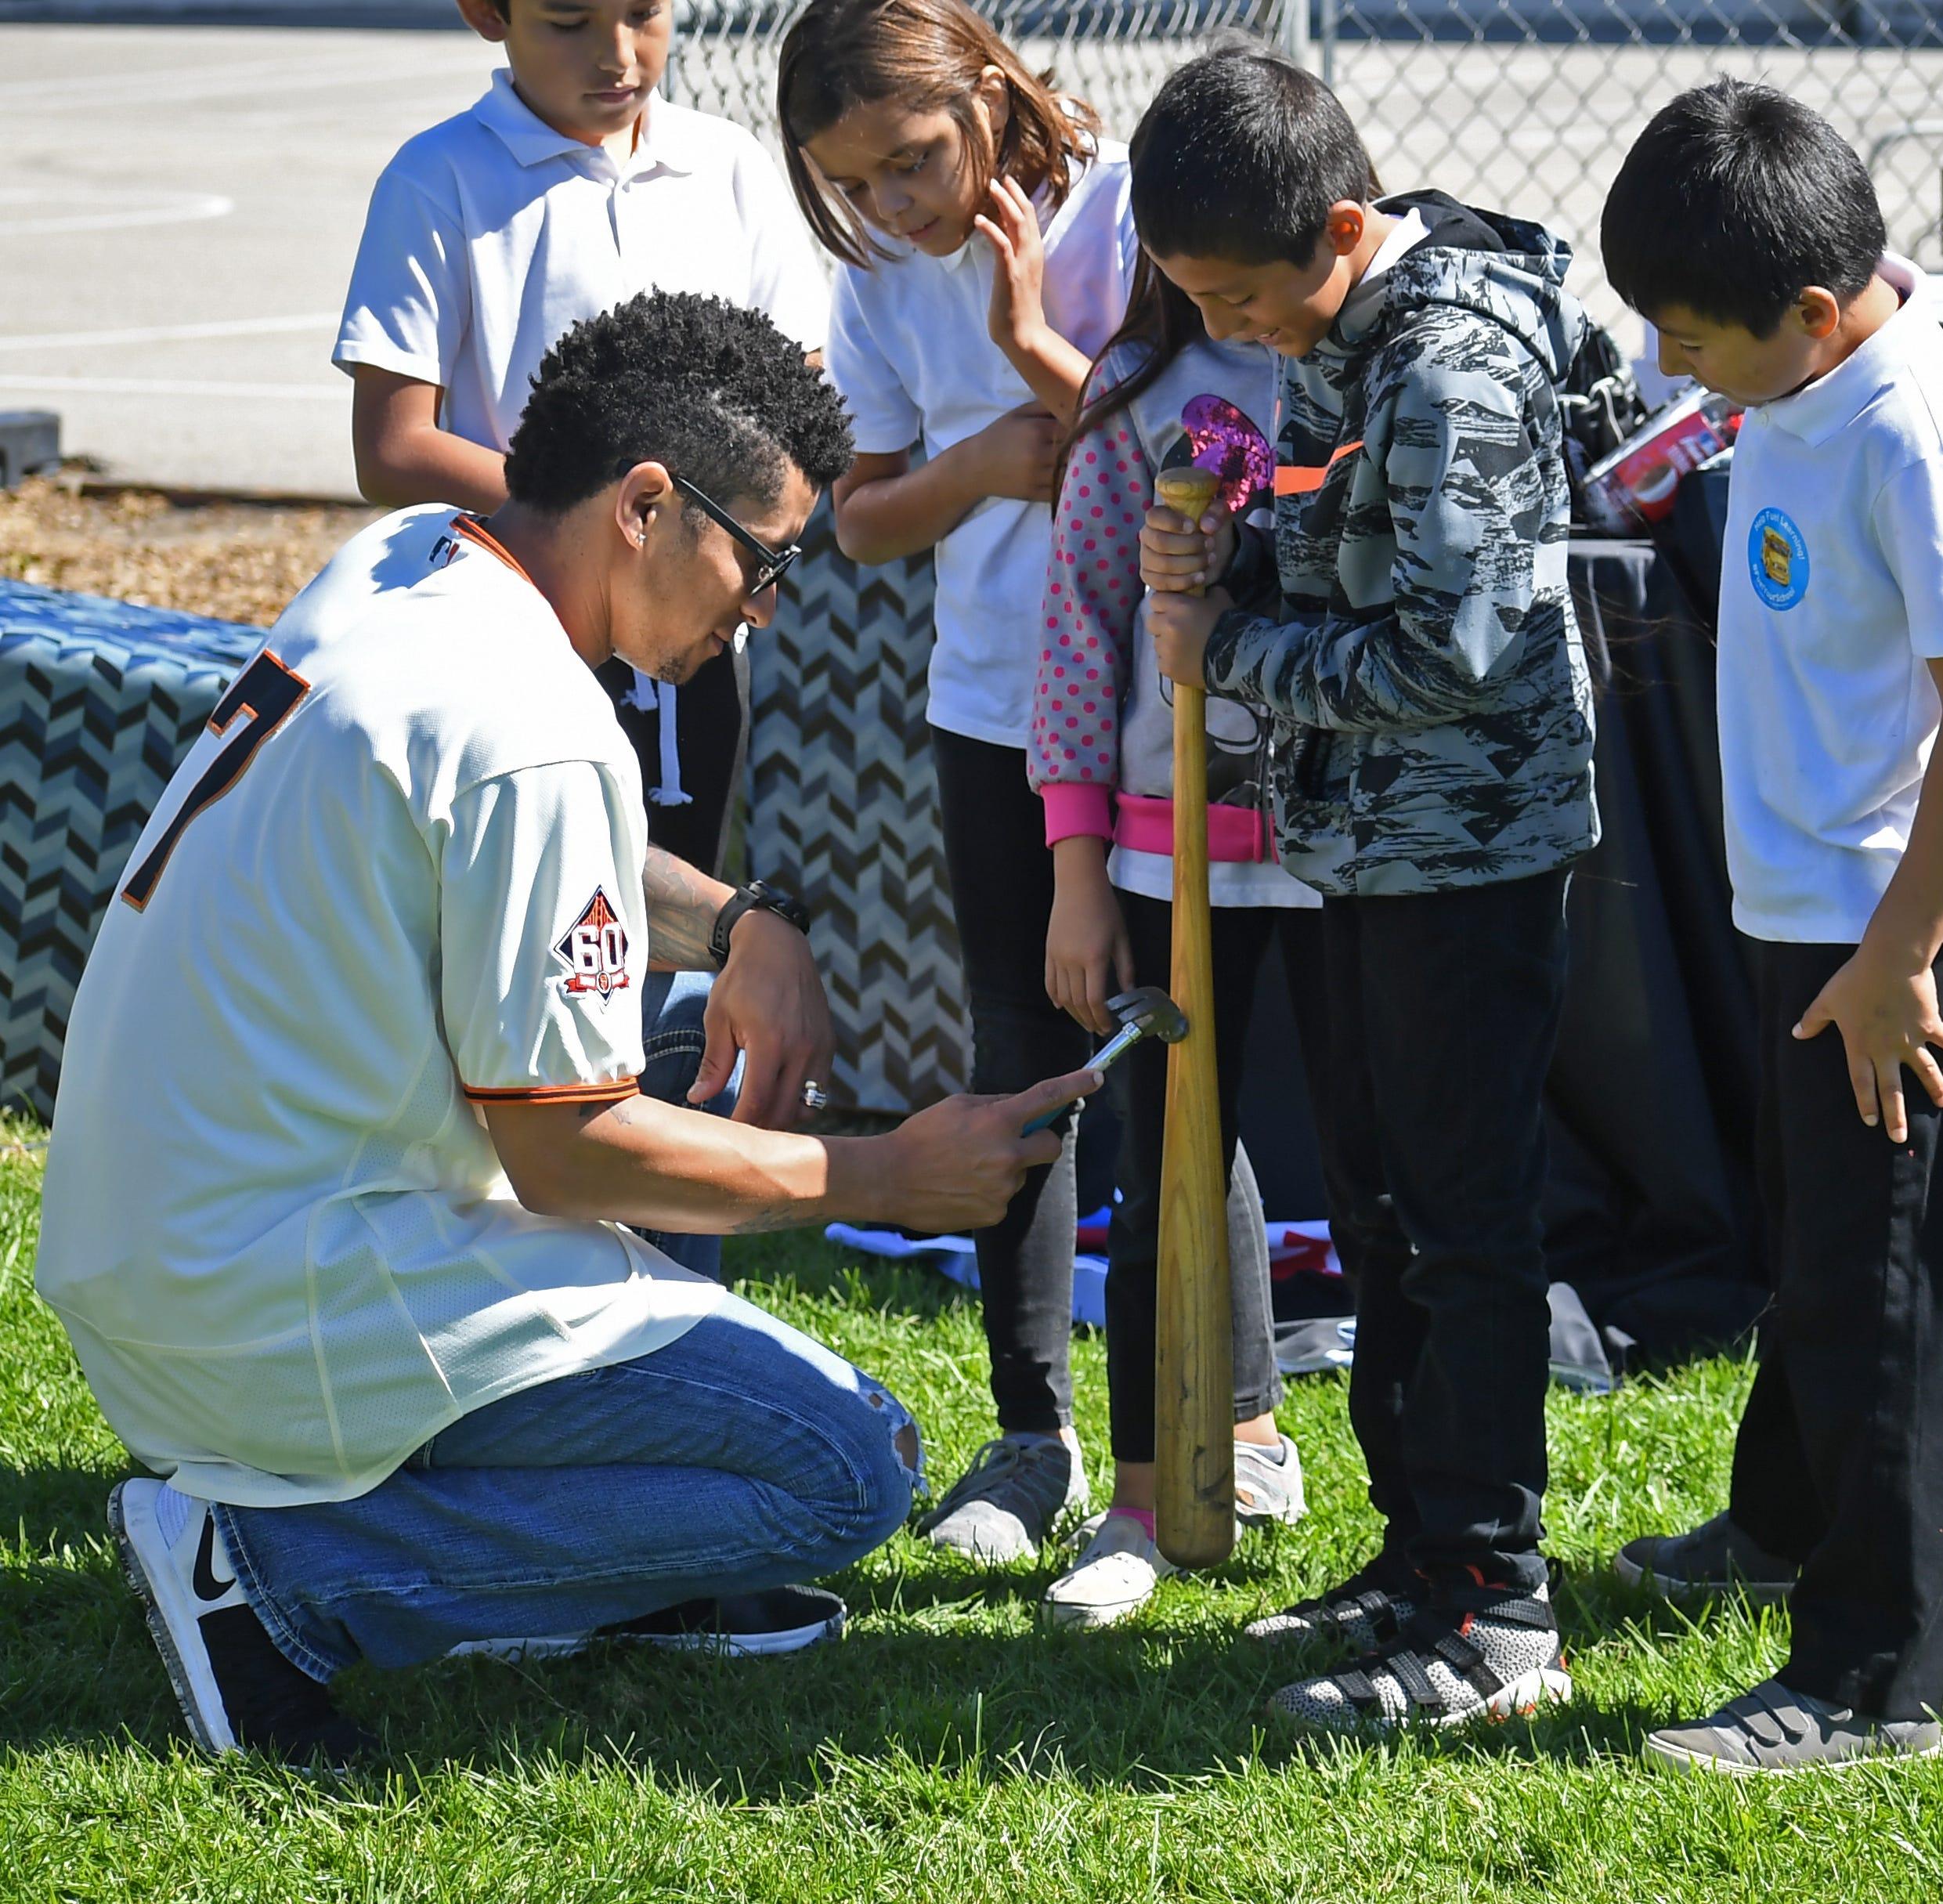 Por qué un jugador de los Gigantes visitó una escuela de Salinas